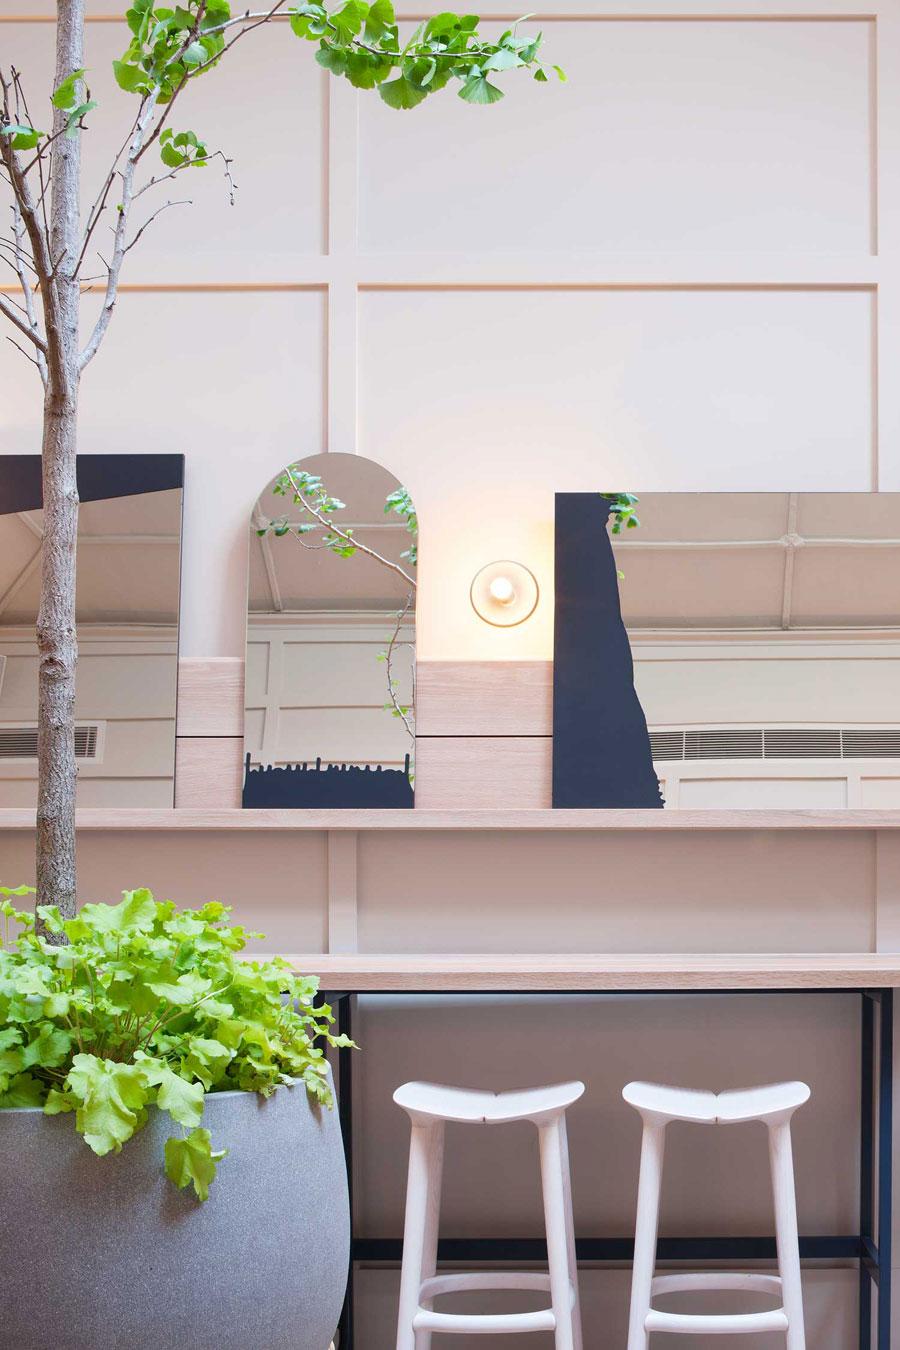 thiết kế quán trà sữa nhỏ đẹp lung linh ảnh 5